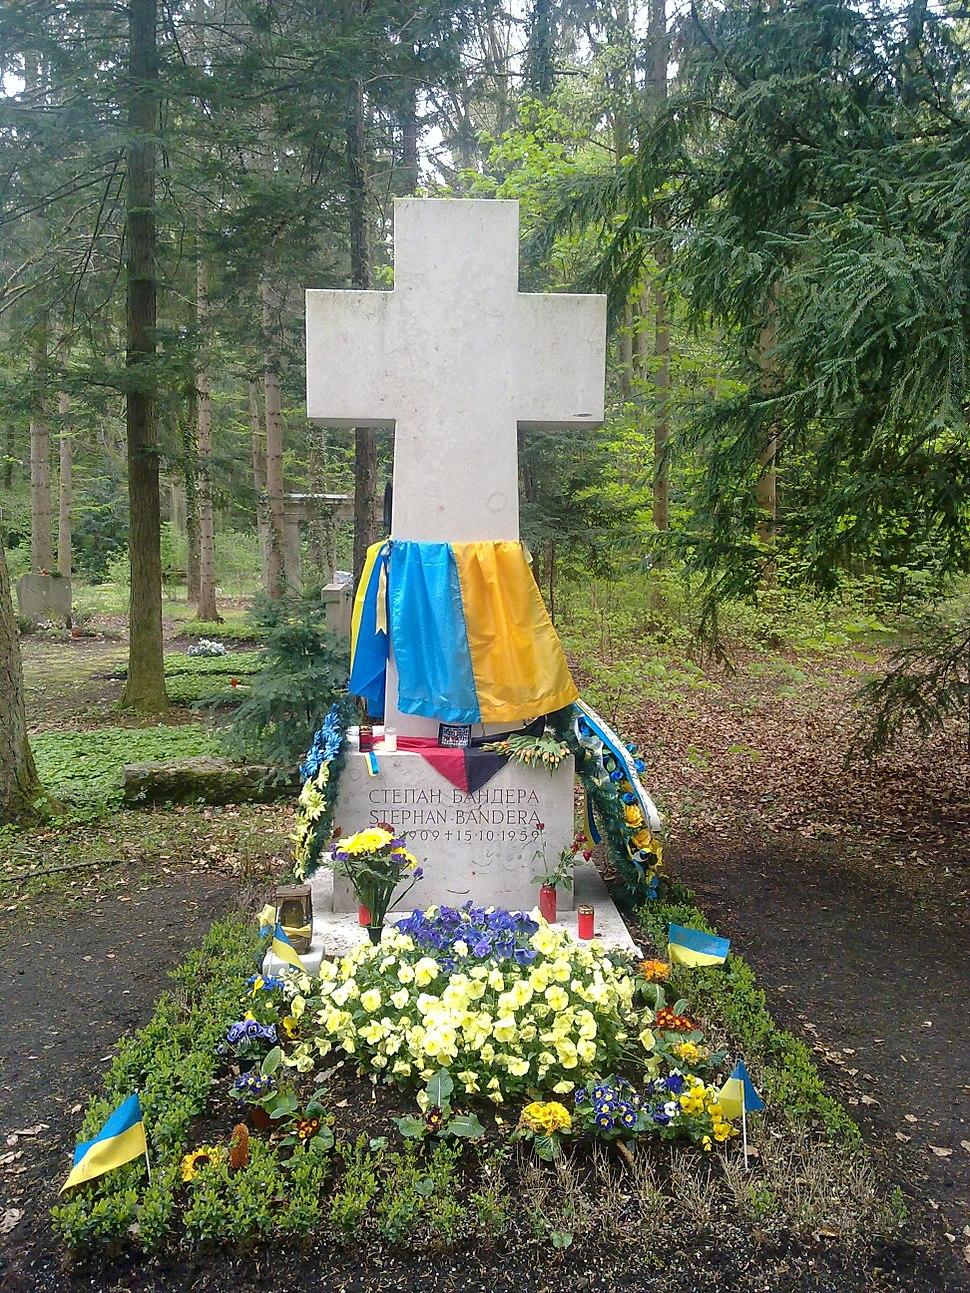 Stepan Bandera's grave